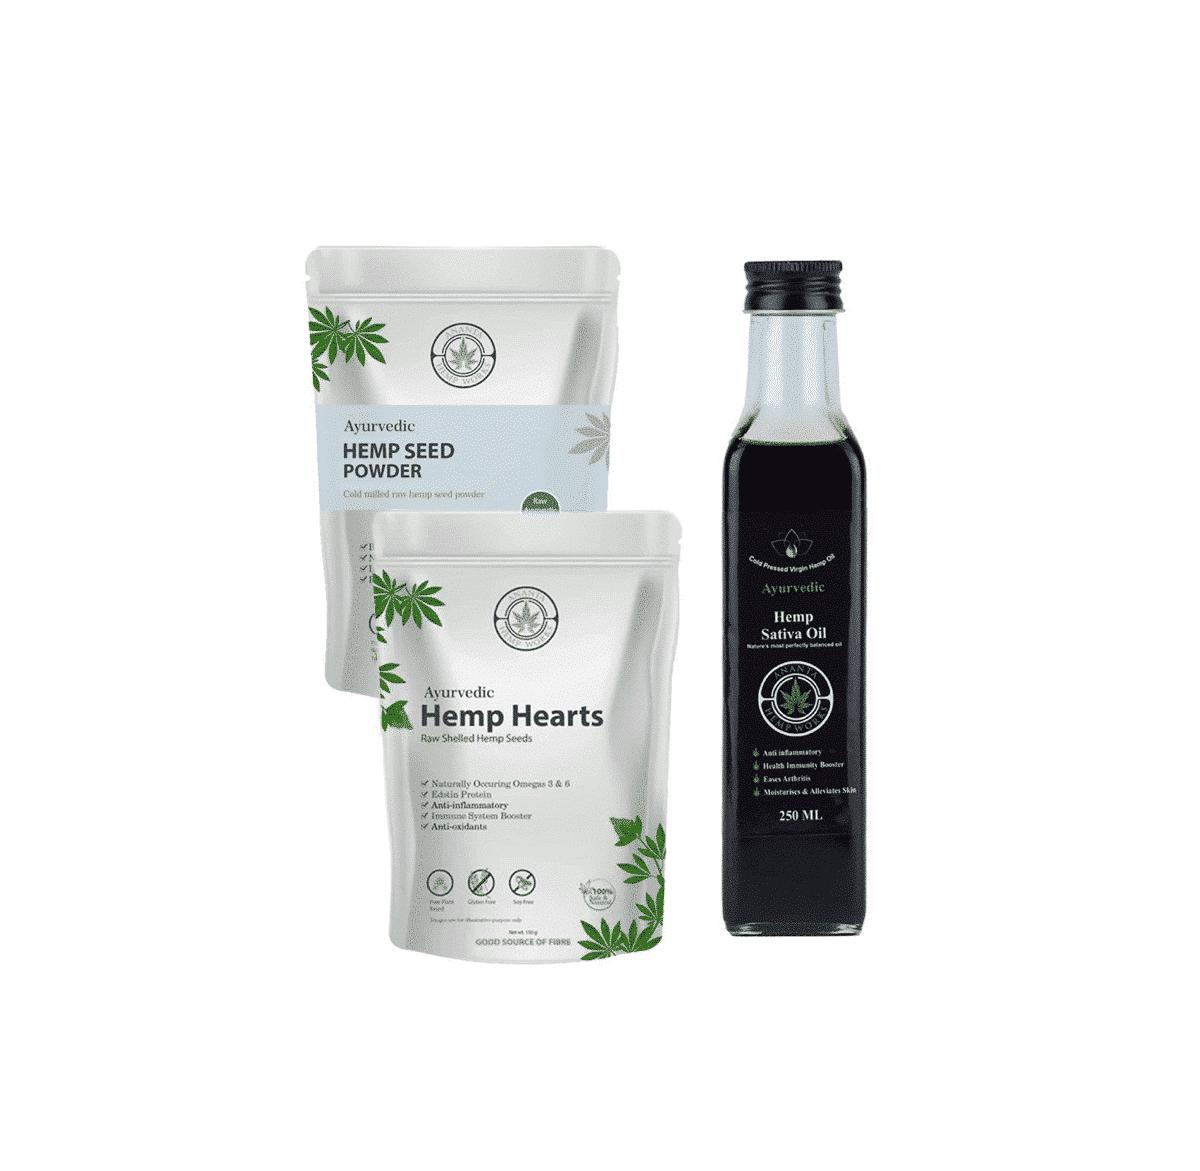 Ananta Hemp Sativa Oil, Hemp Hearts & Seed Powder Combo